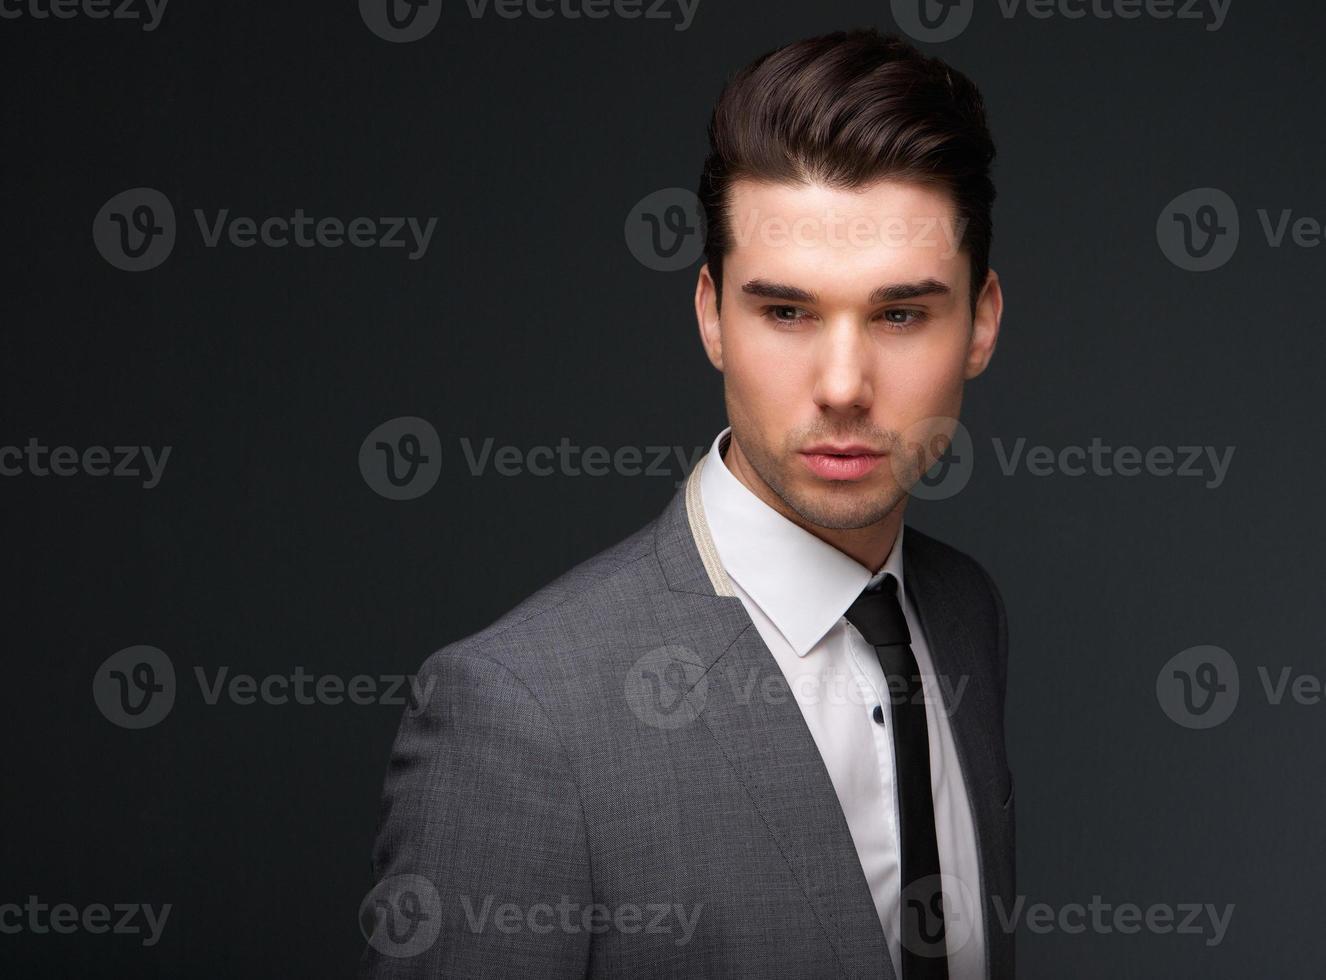 hübscher junger Mann im Geschäftsanzug foto